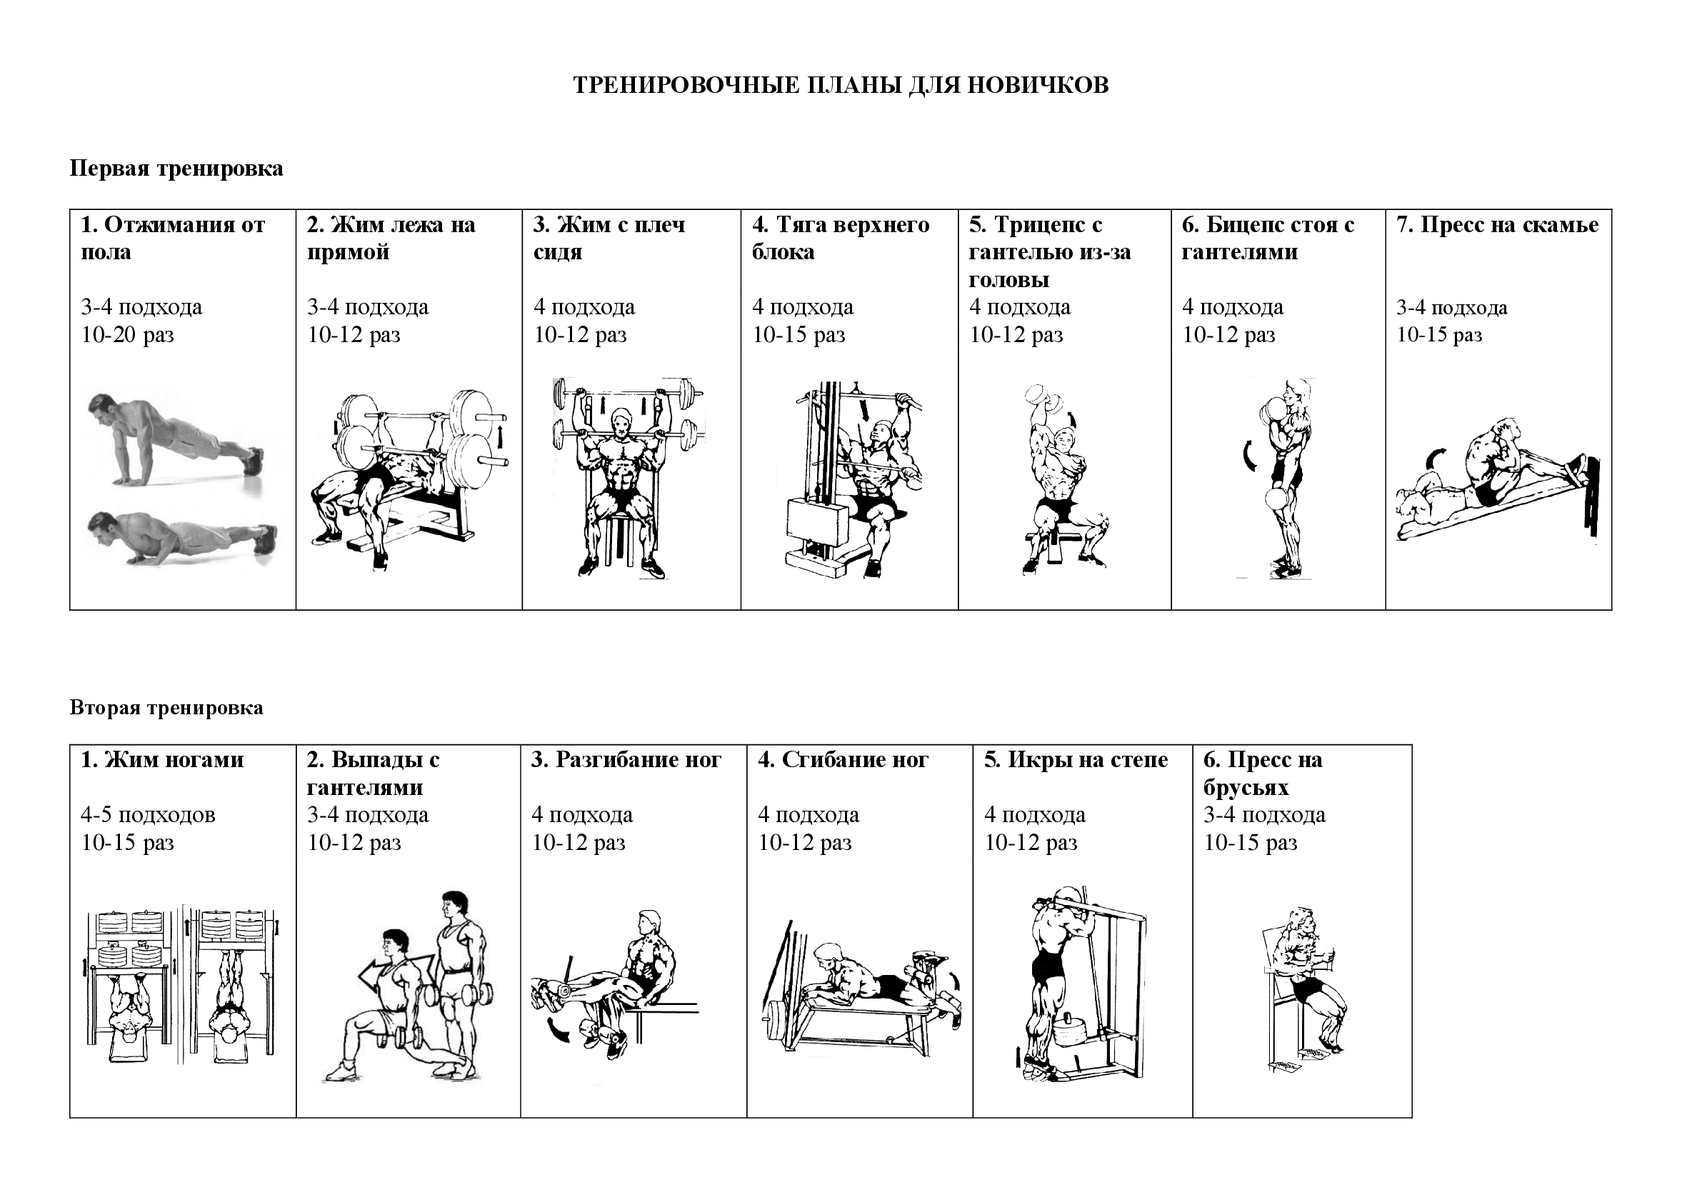 11 приложений, которые помогут составить программу и вести дневник тренировок - лайфхакер